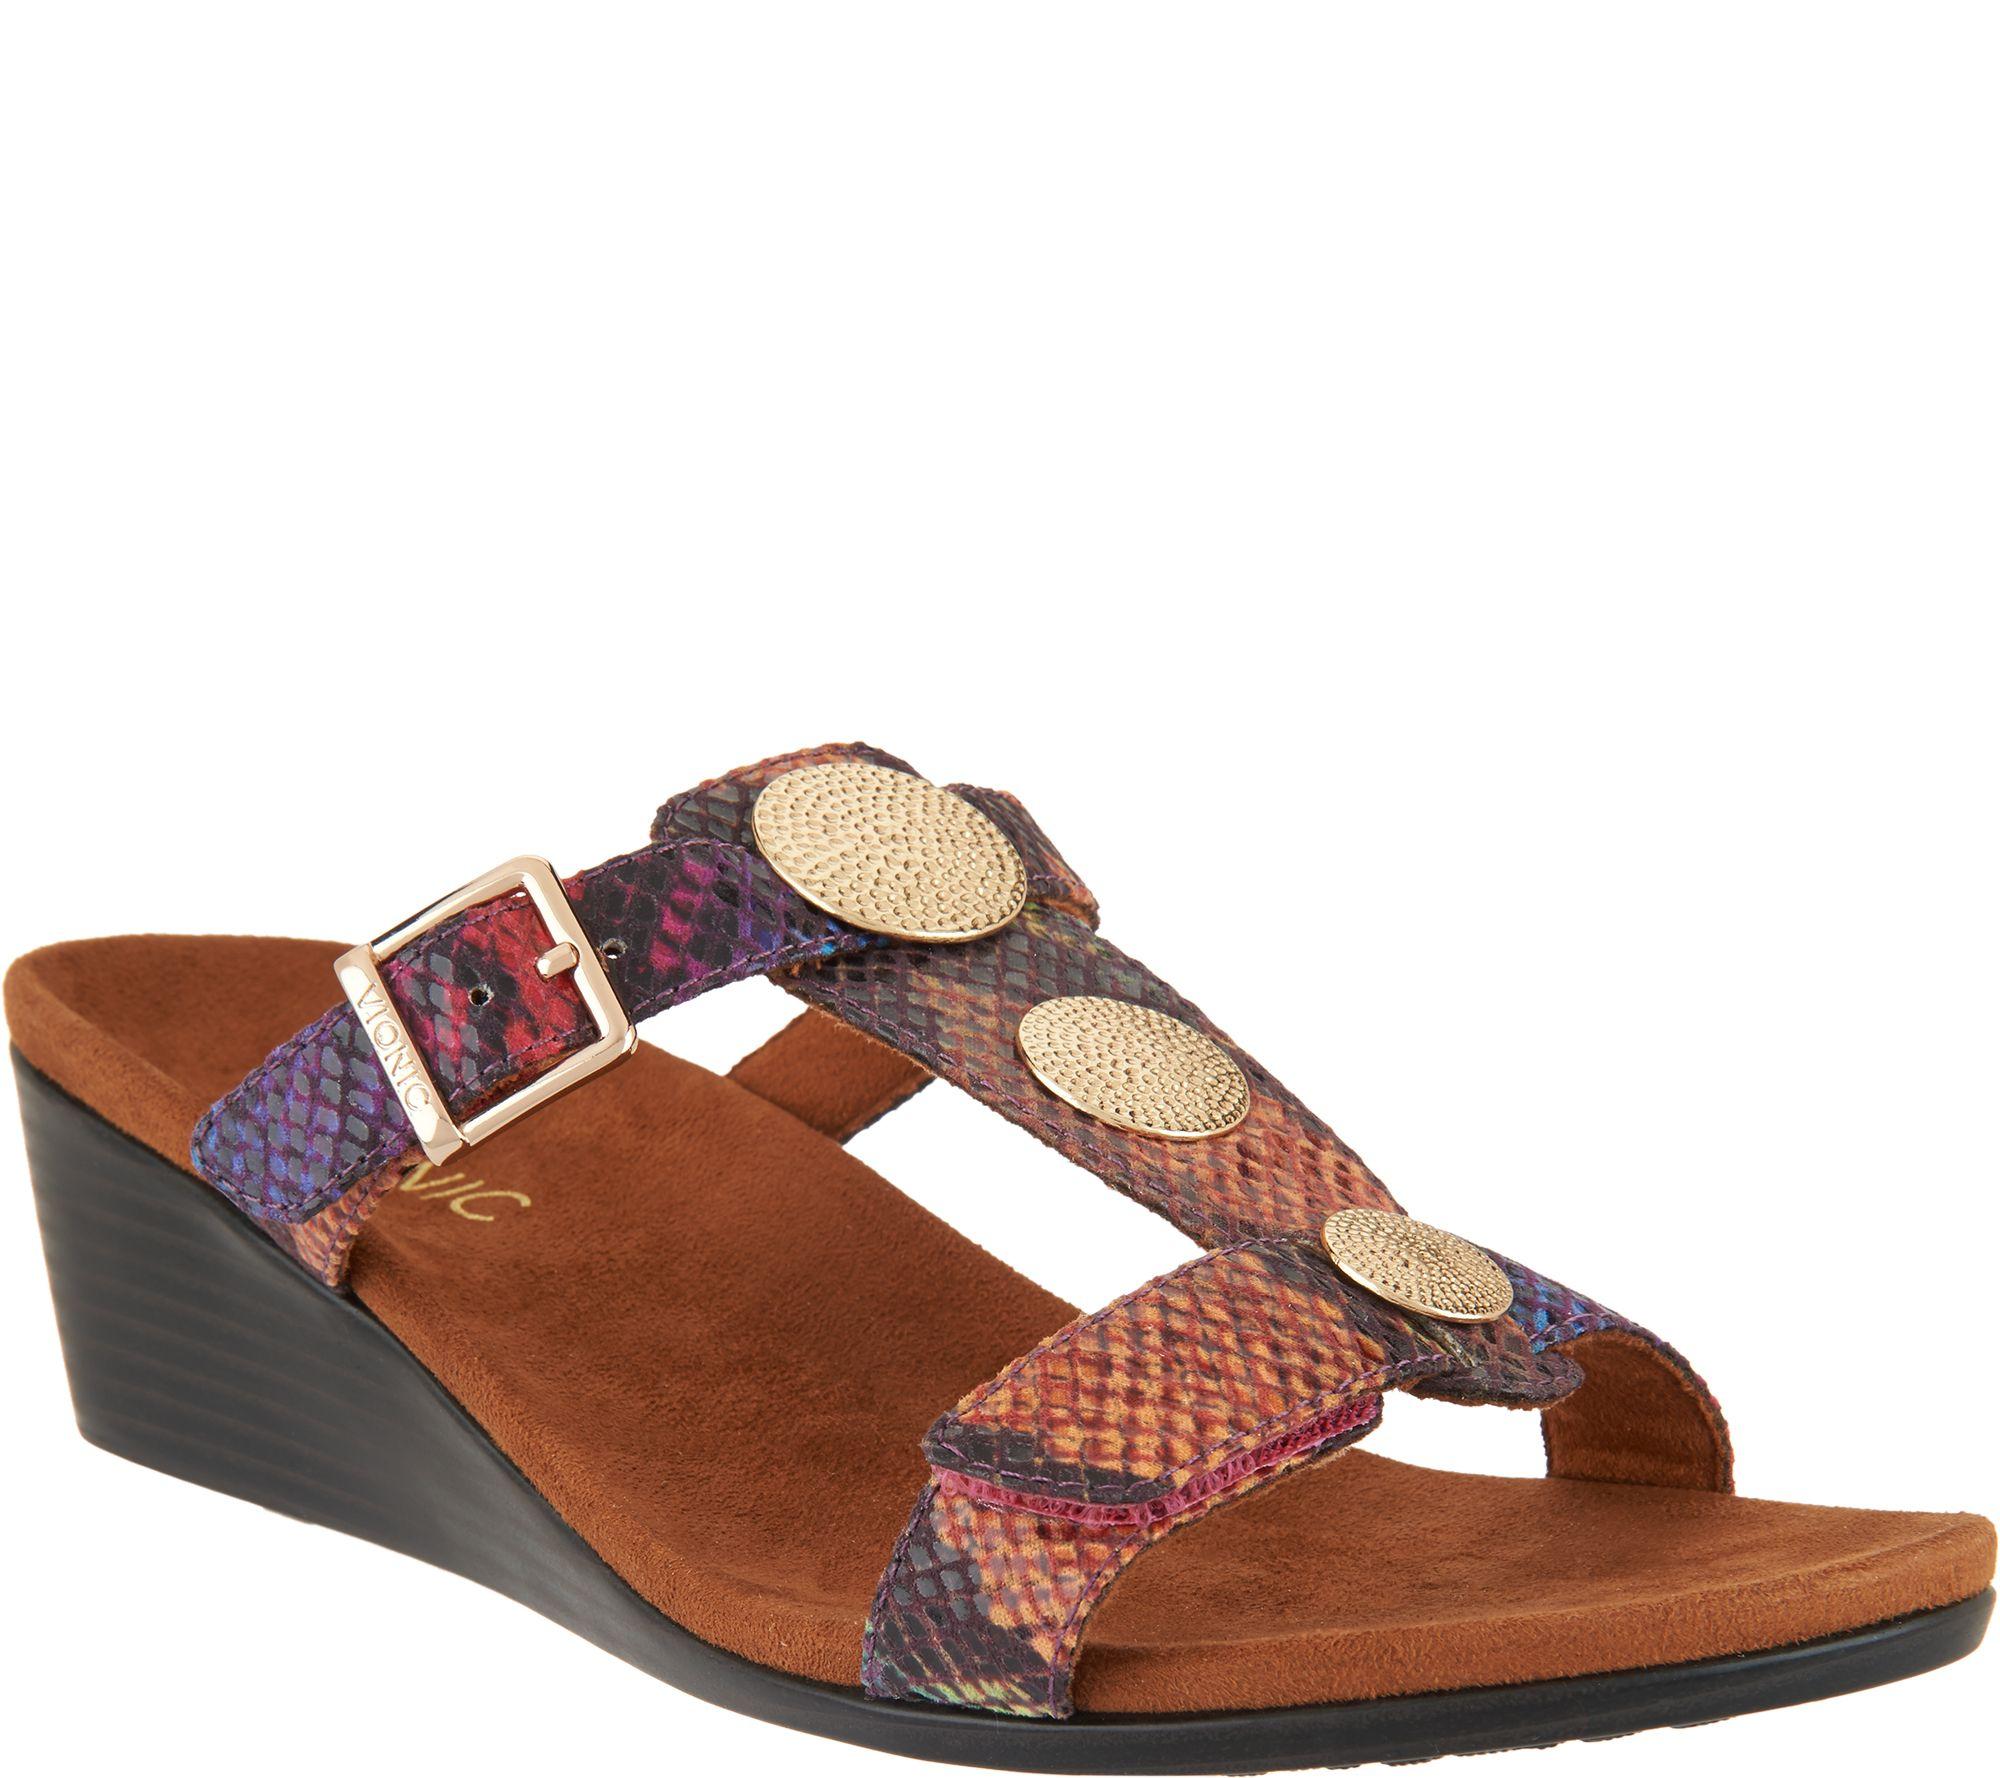 Shoes n sandals online - Vionic Orthotic Embellished Slide Wedges Cleona A288374